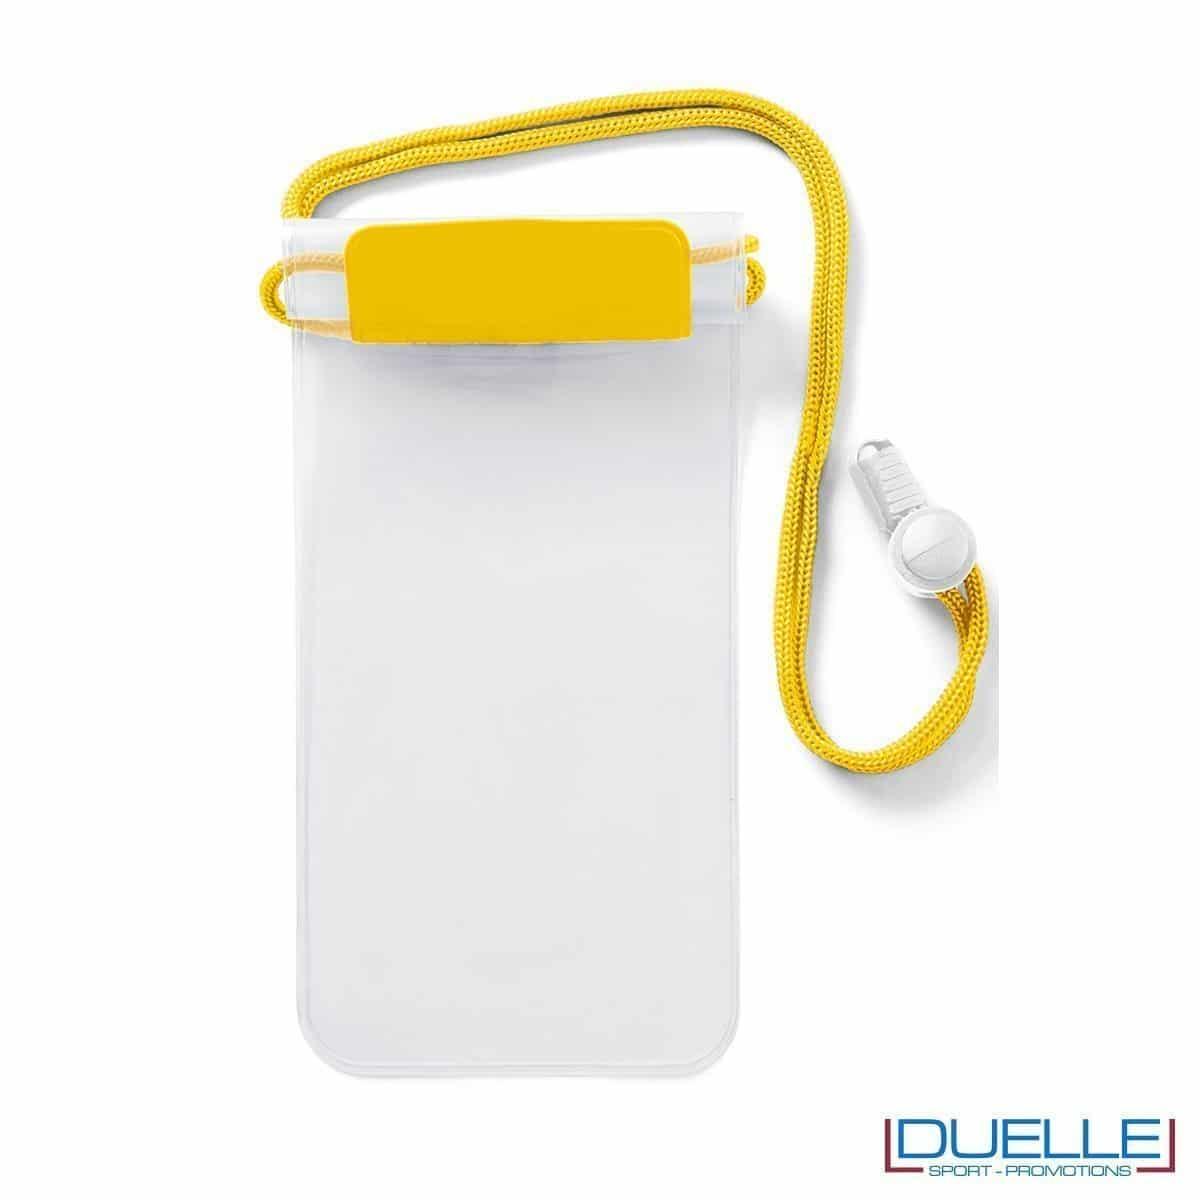 portacellulare personalizzato impermeabile colore giallo, porta smartphone impermeabile personalizzabile colore giallo